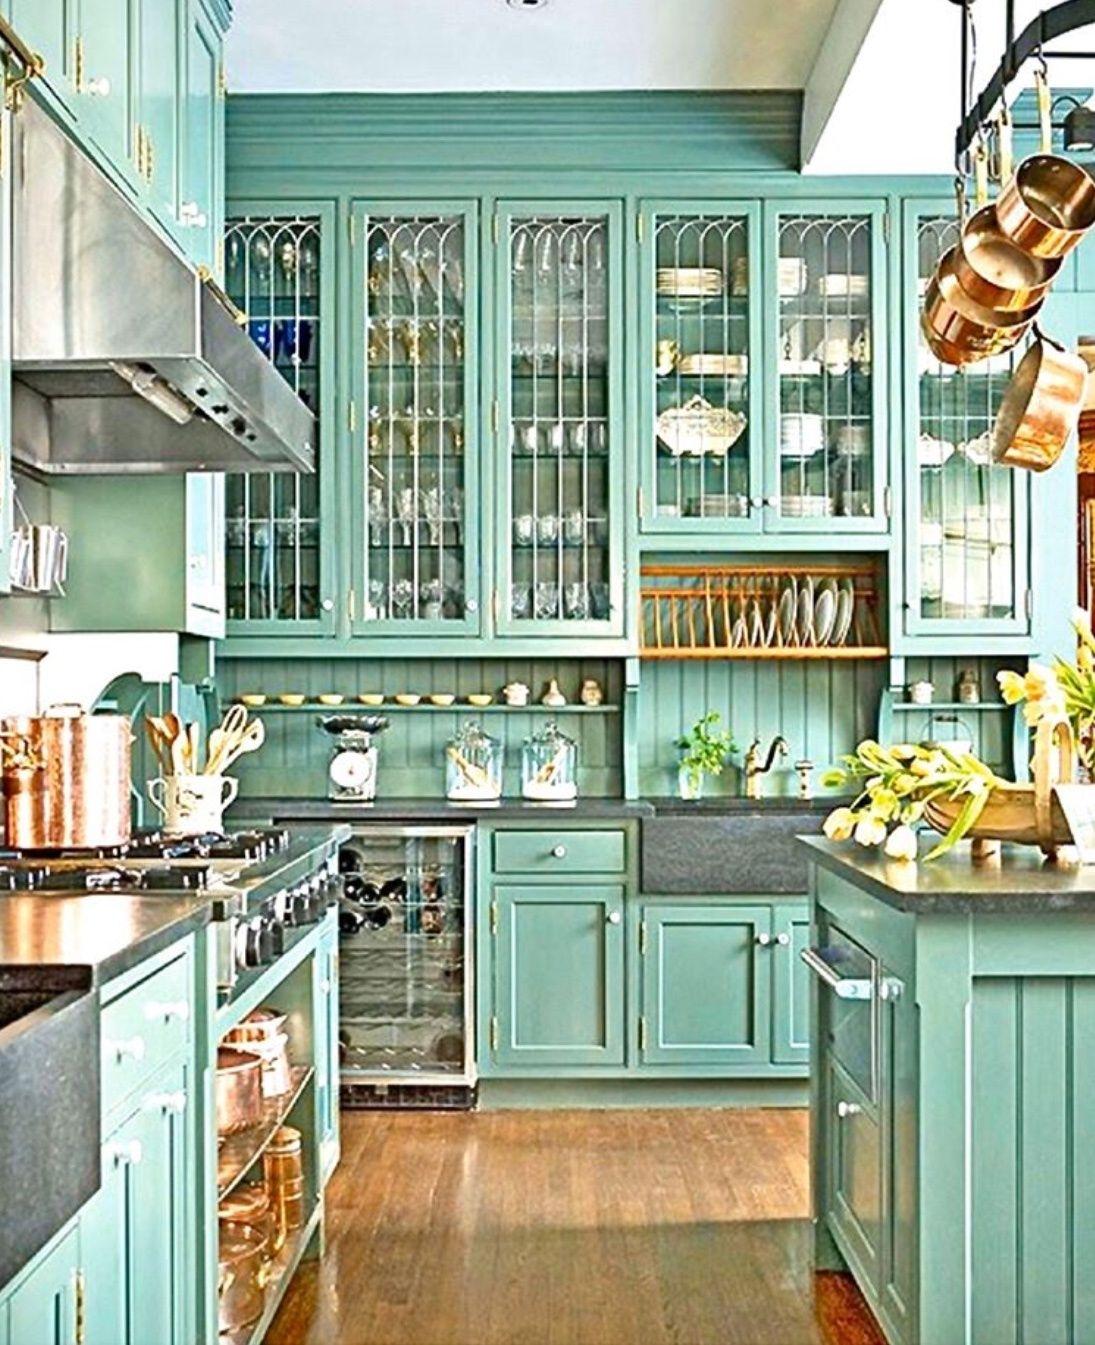 Green Kitchen Design In 2020 Glass Fronted Kitchen Cabinets Green Kitchen Cabinets Refacing Kitchen Cabinets